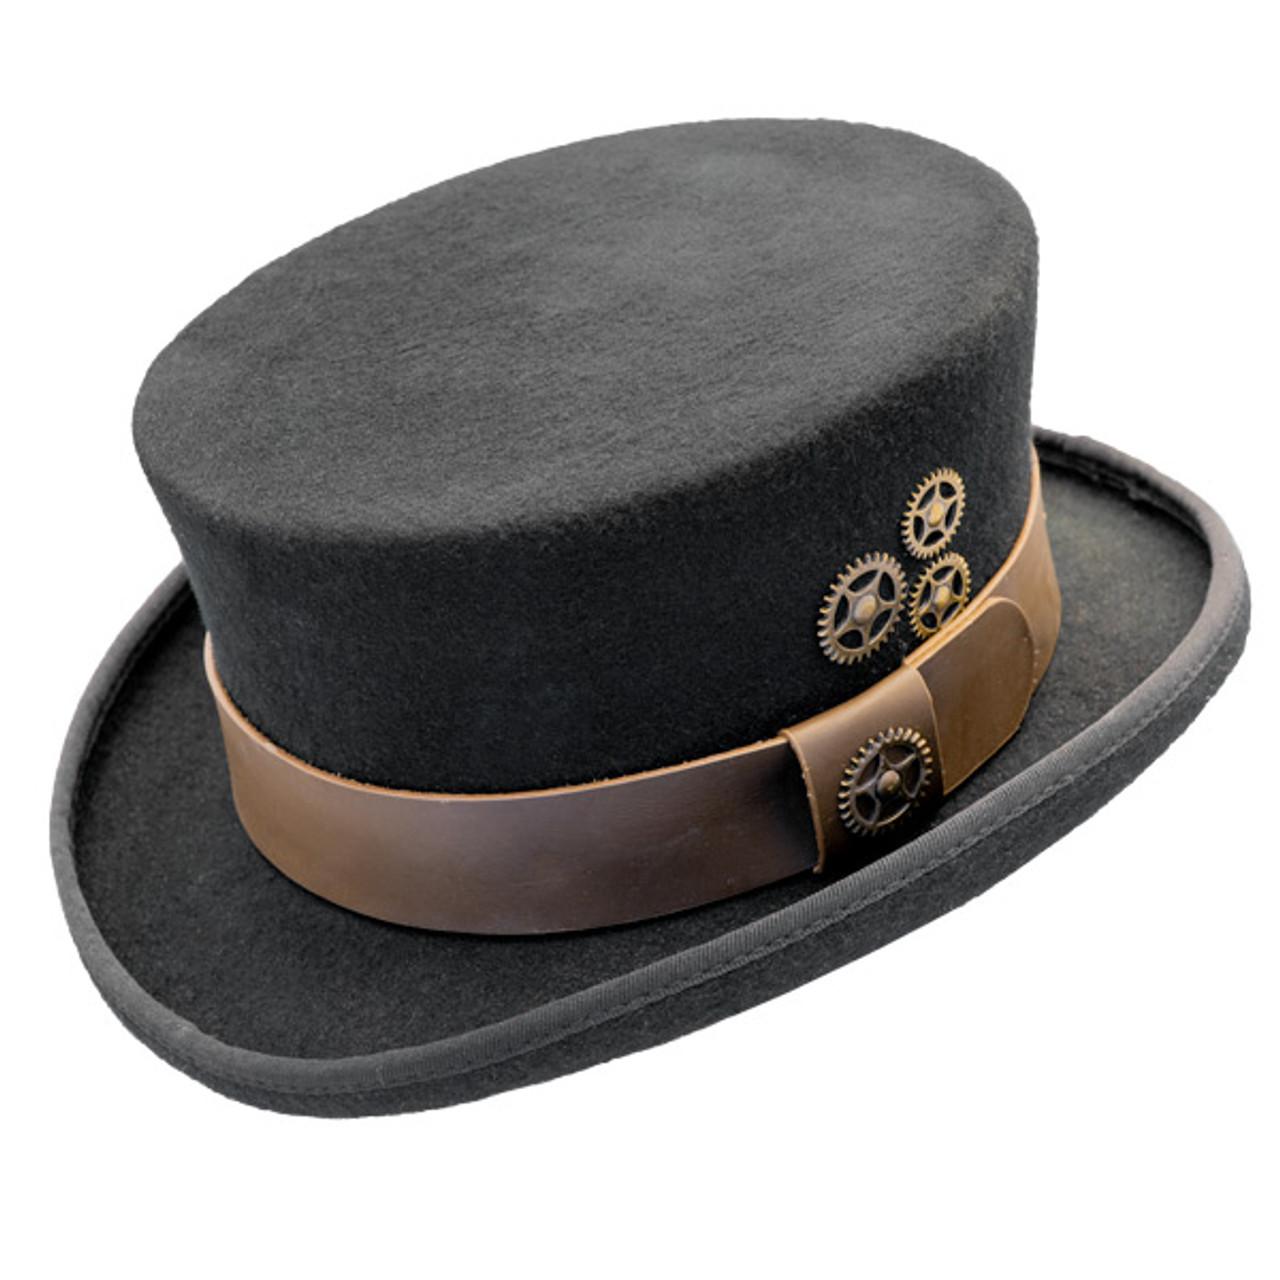 434ea3c82 Conner - Low Crown Steam Punk Top Hat